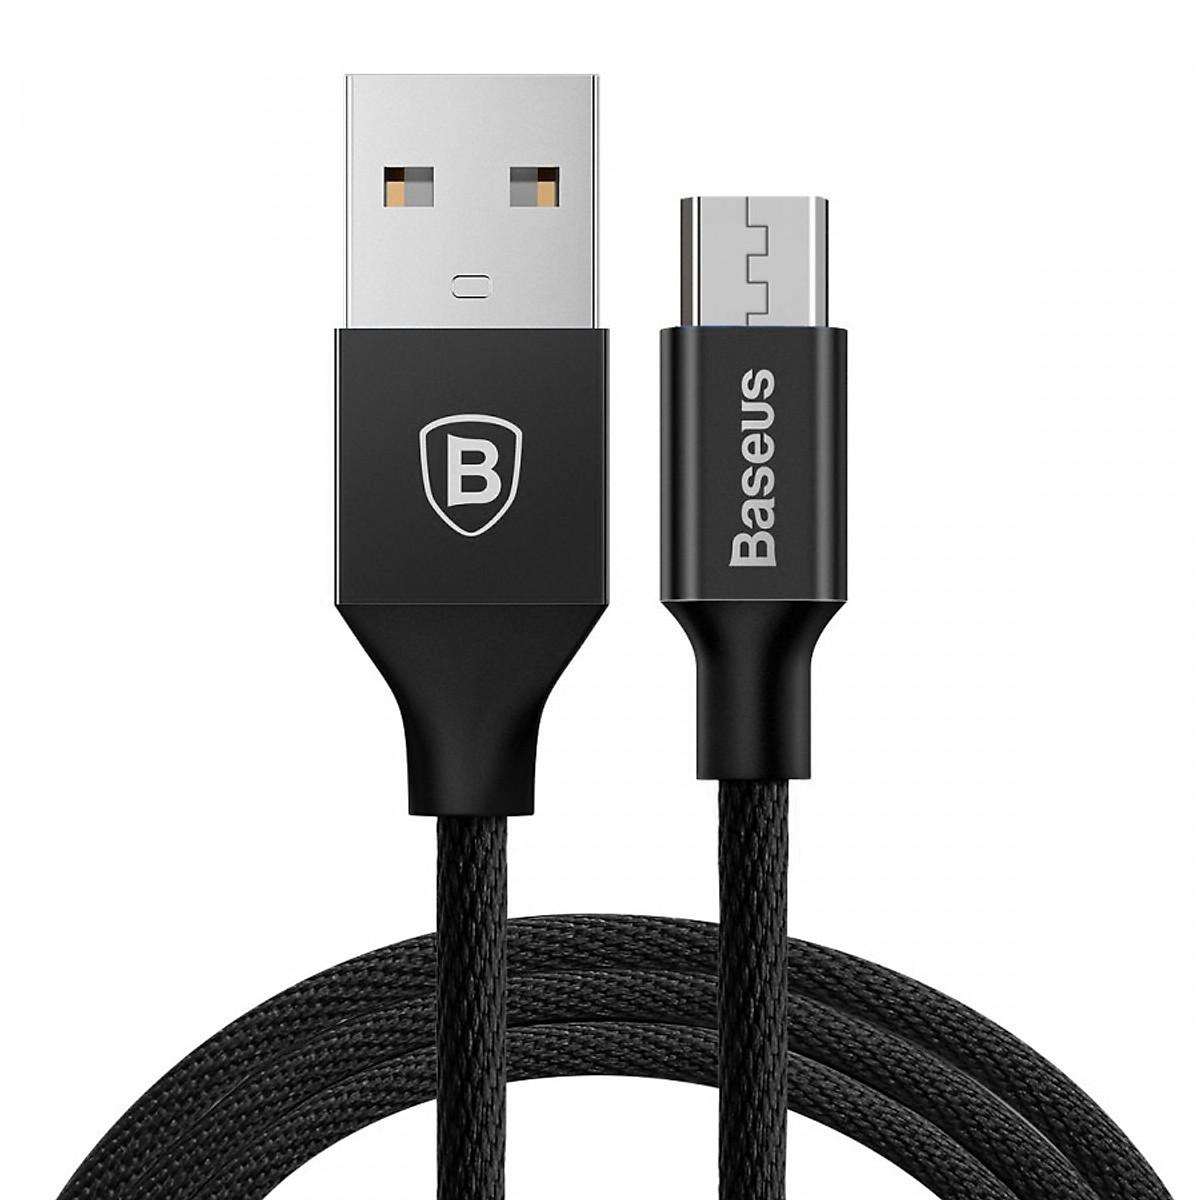 Cáp sạc USB ra Micro USB Baseus Yiven dài 1m - Hàng chính hãng 18